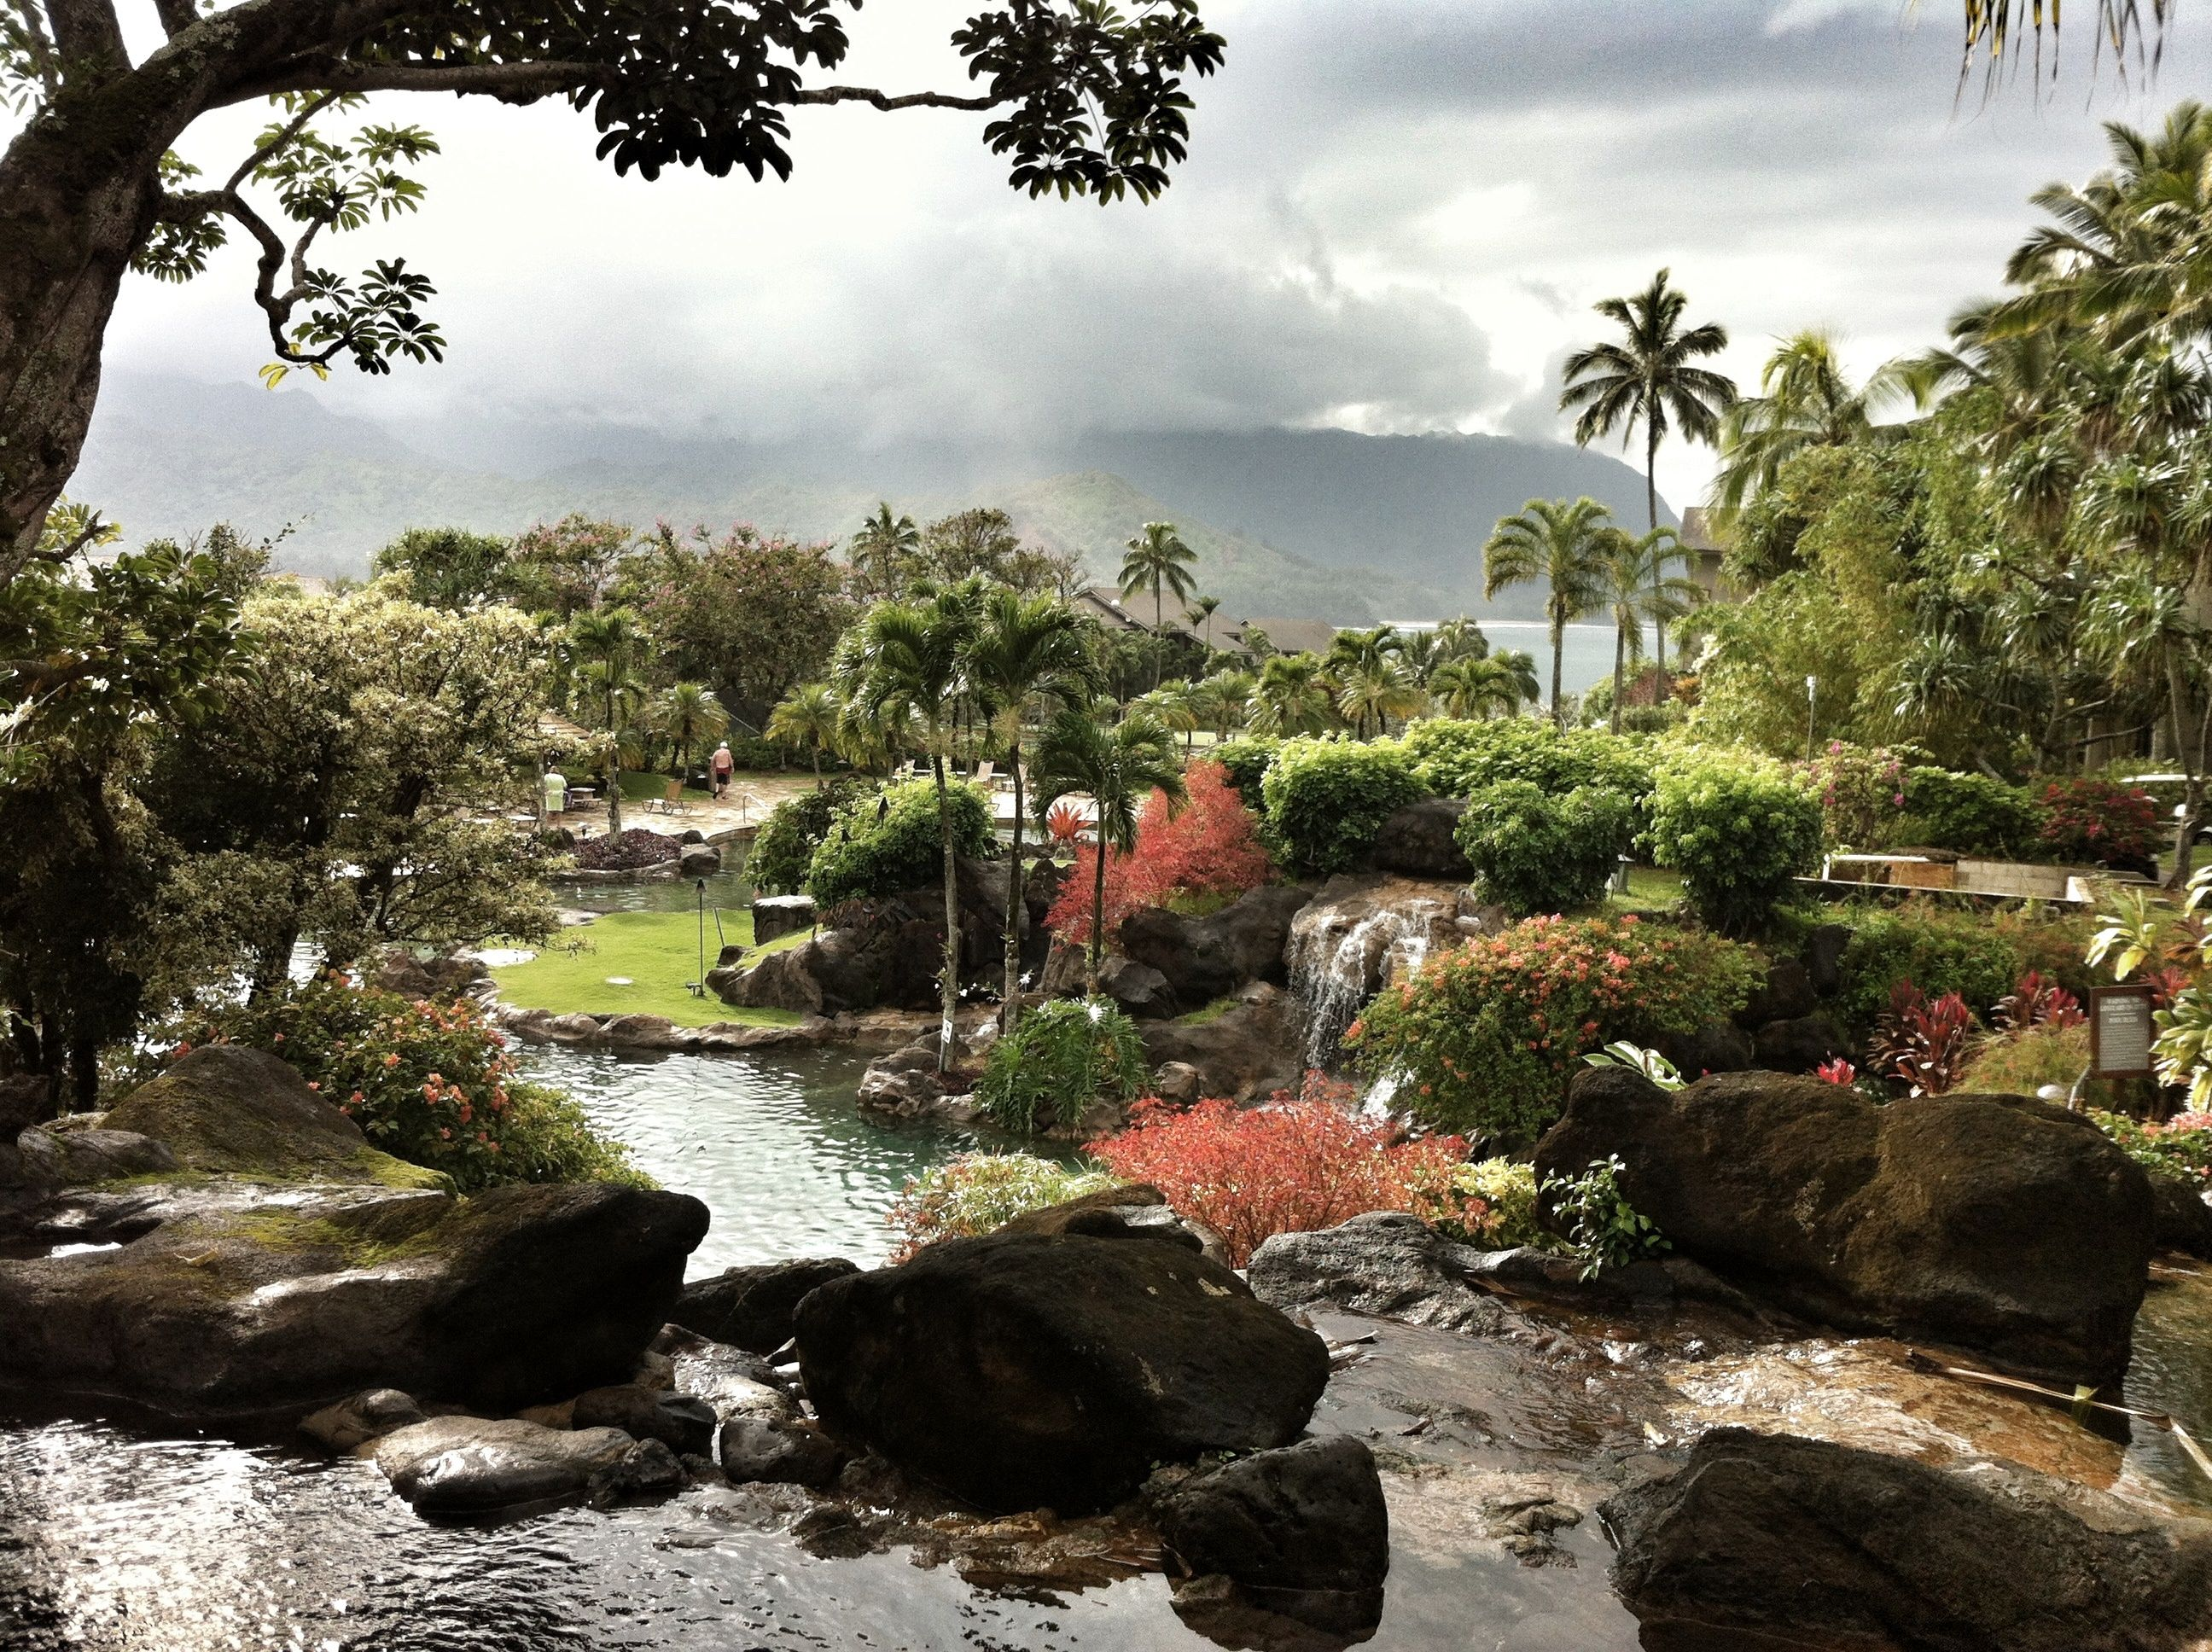 The pool at Hanalei Bay Resort in Princeville, Kauai.